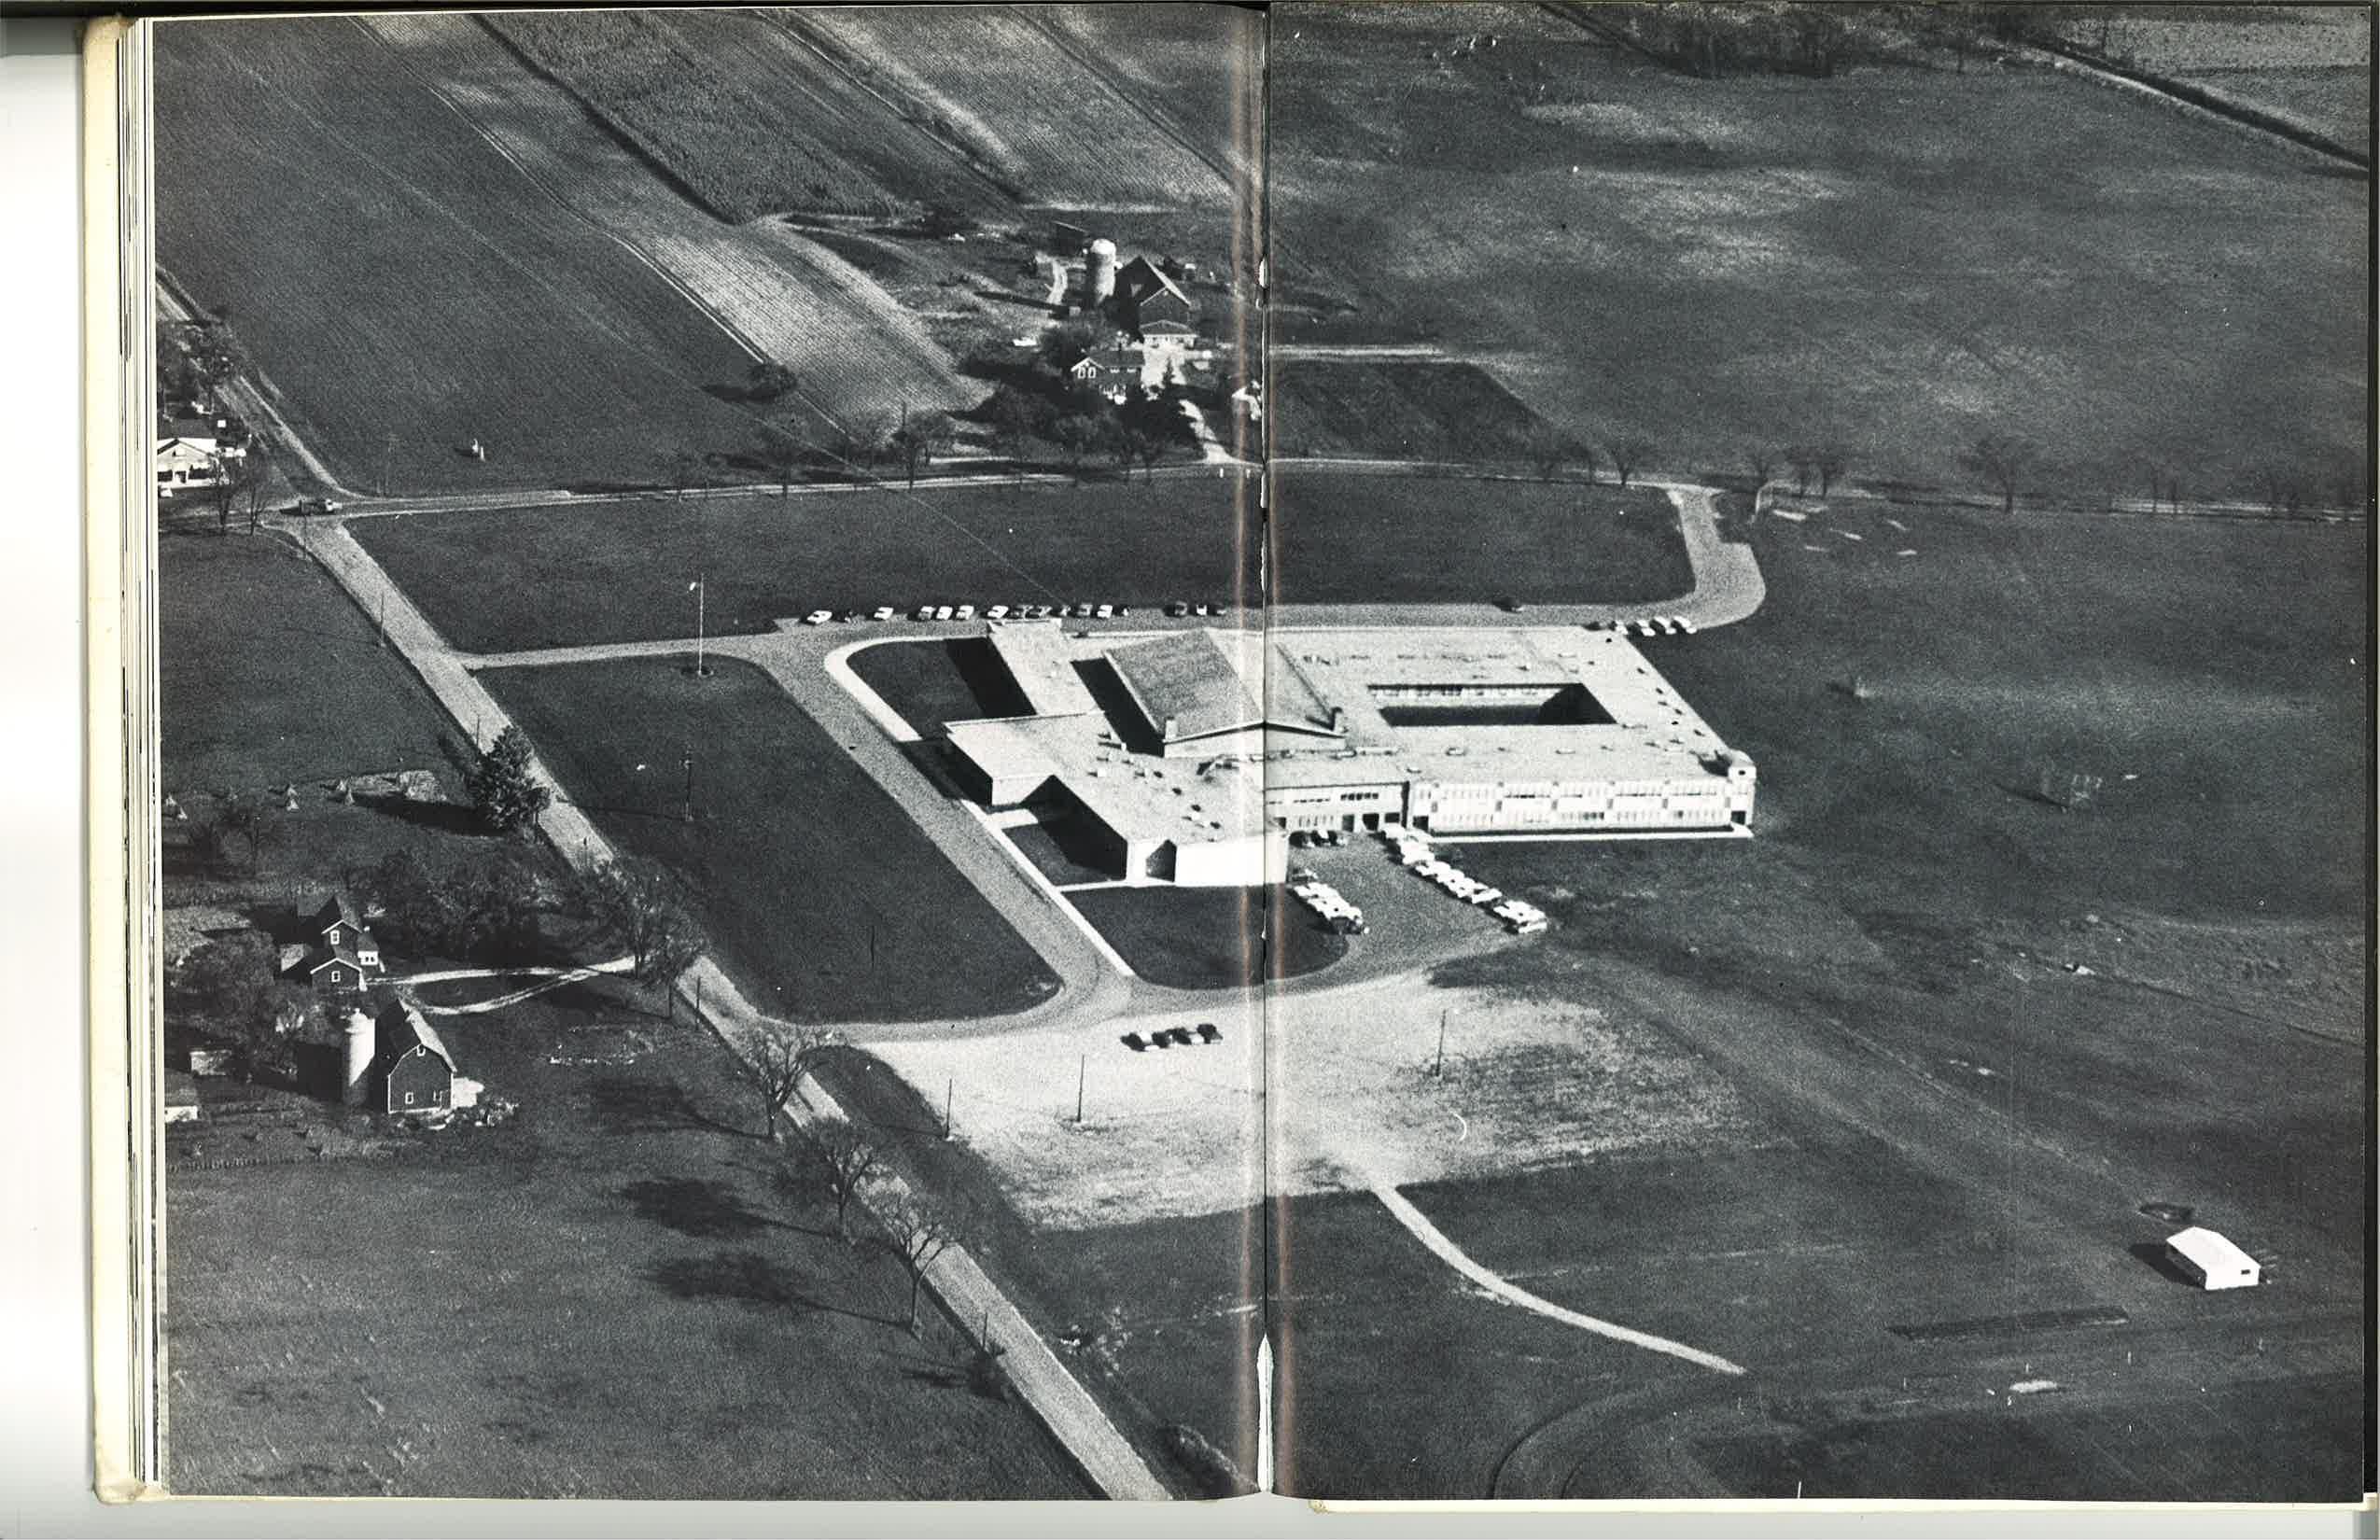 1964_Yearbook_School_Aerial.jpg